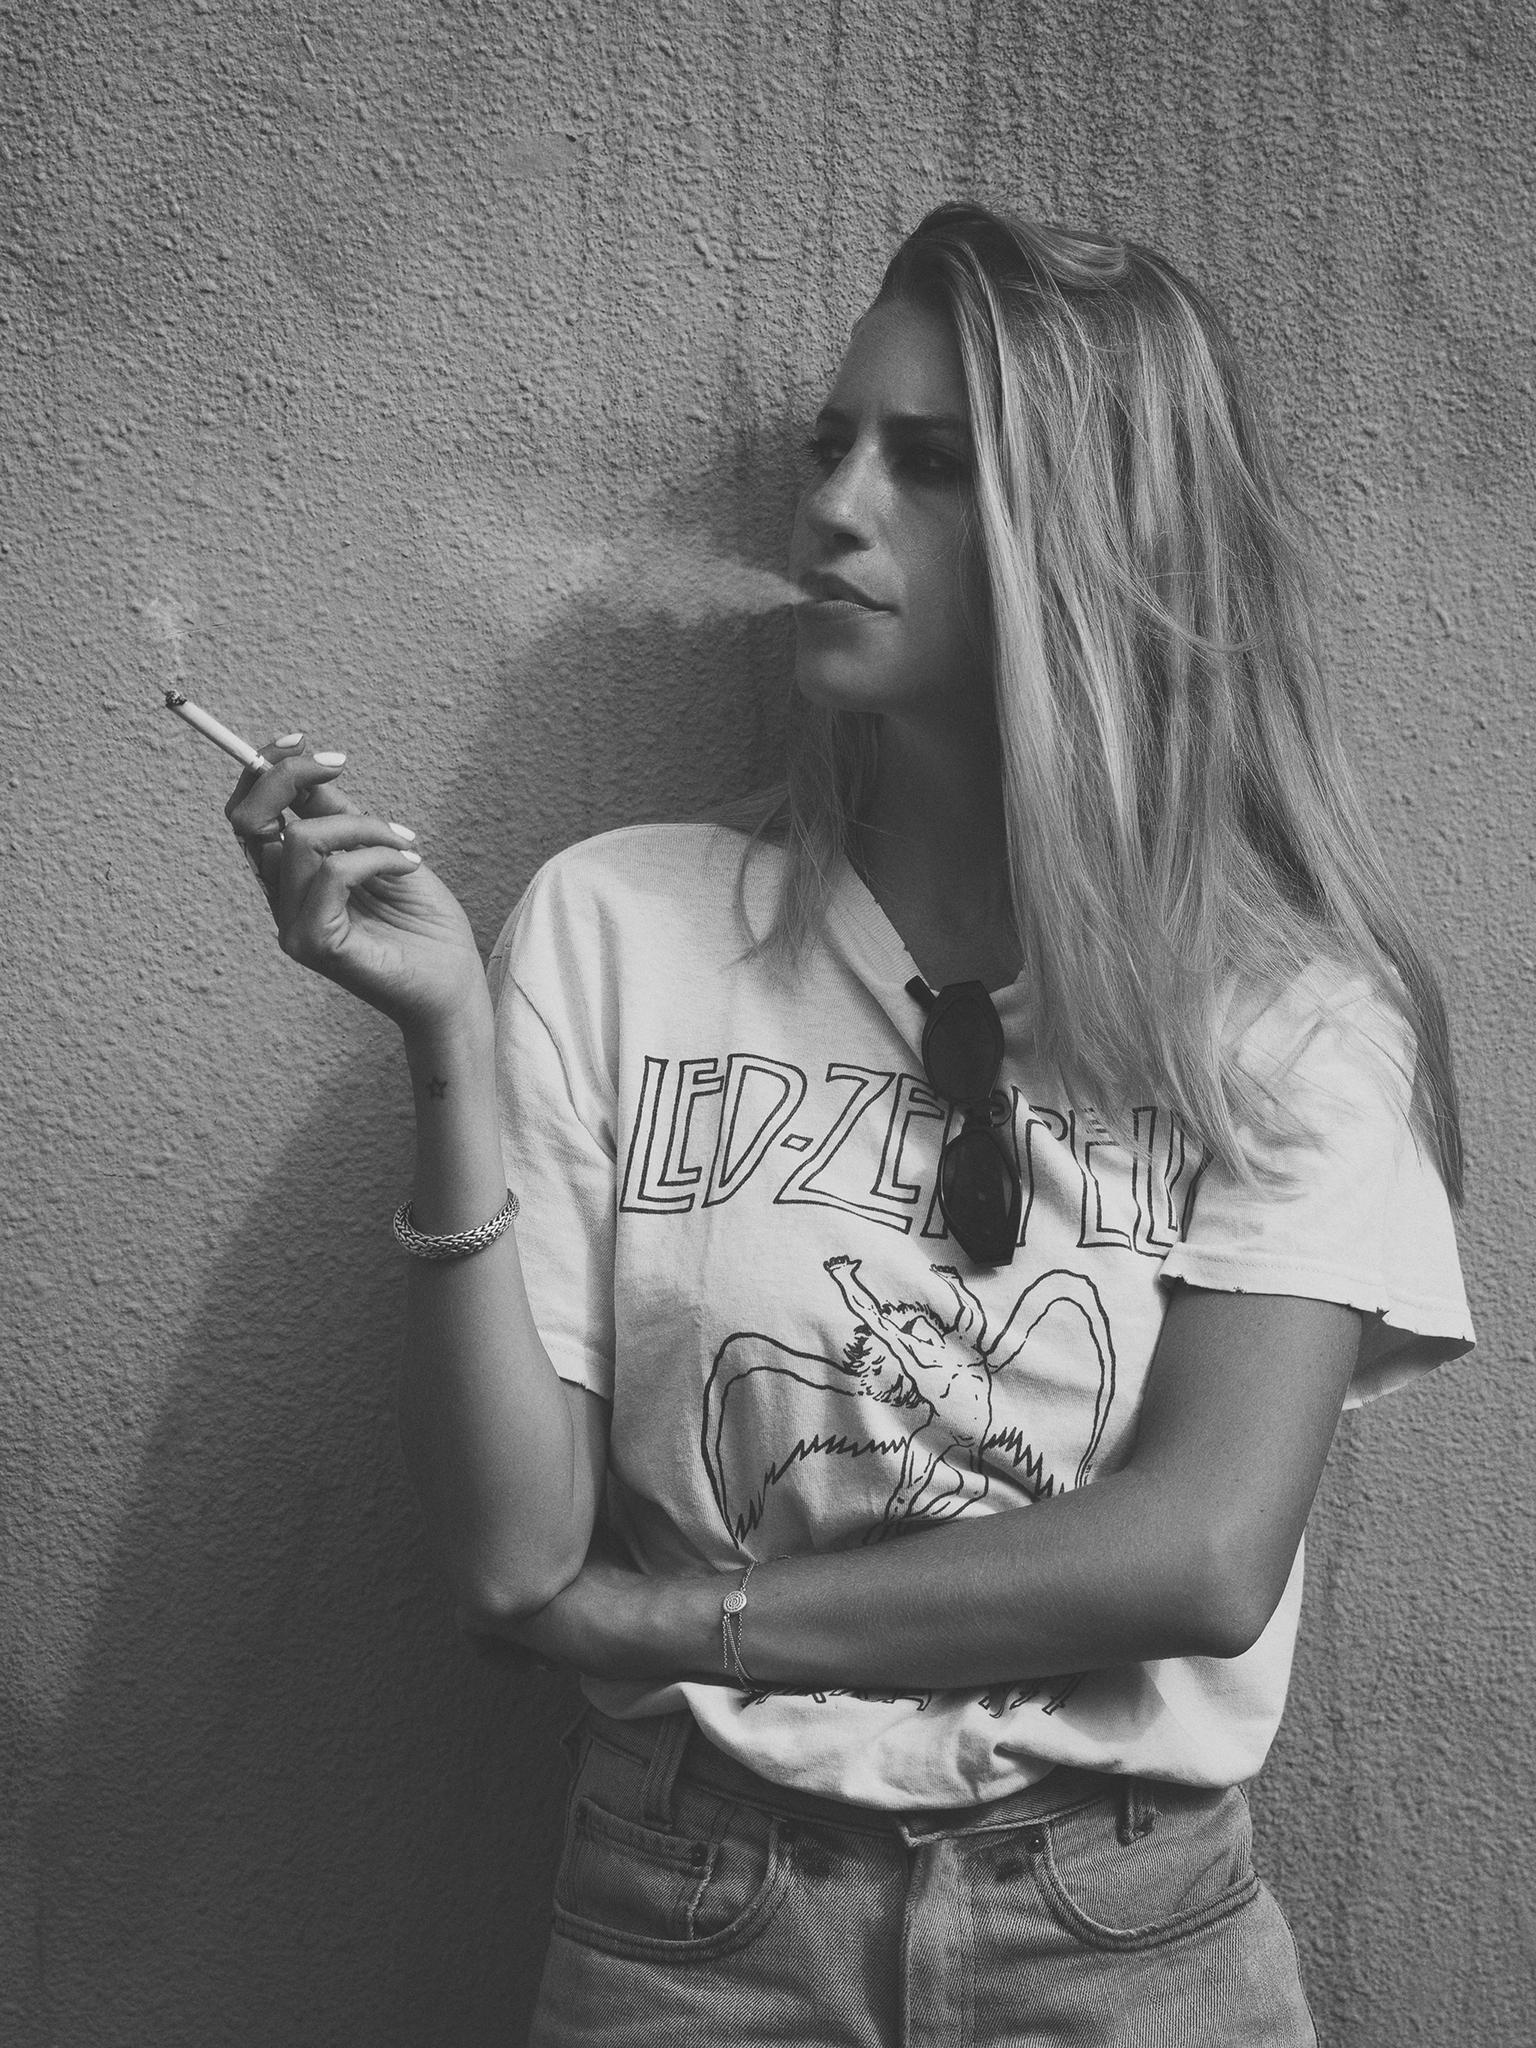 13. Exhale